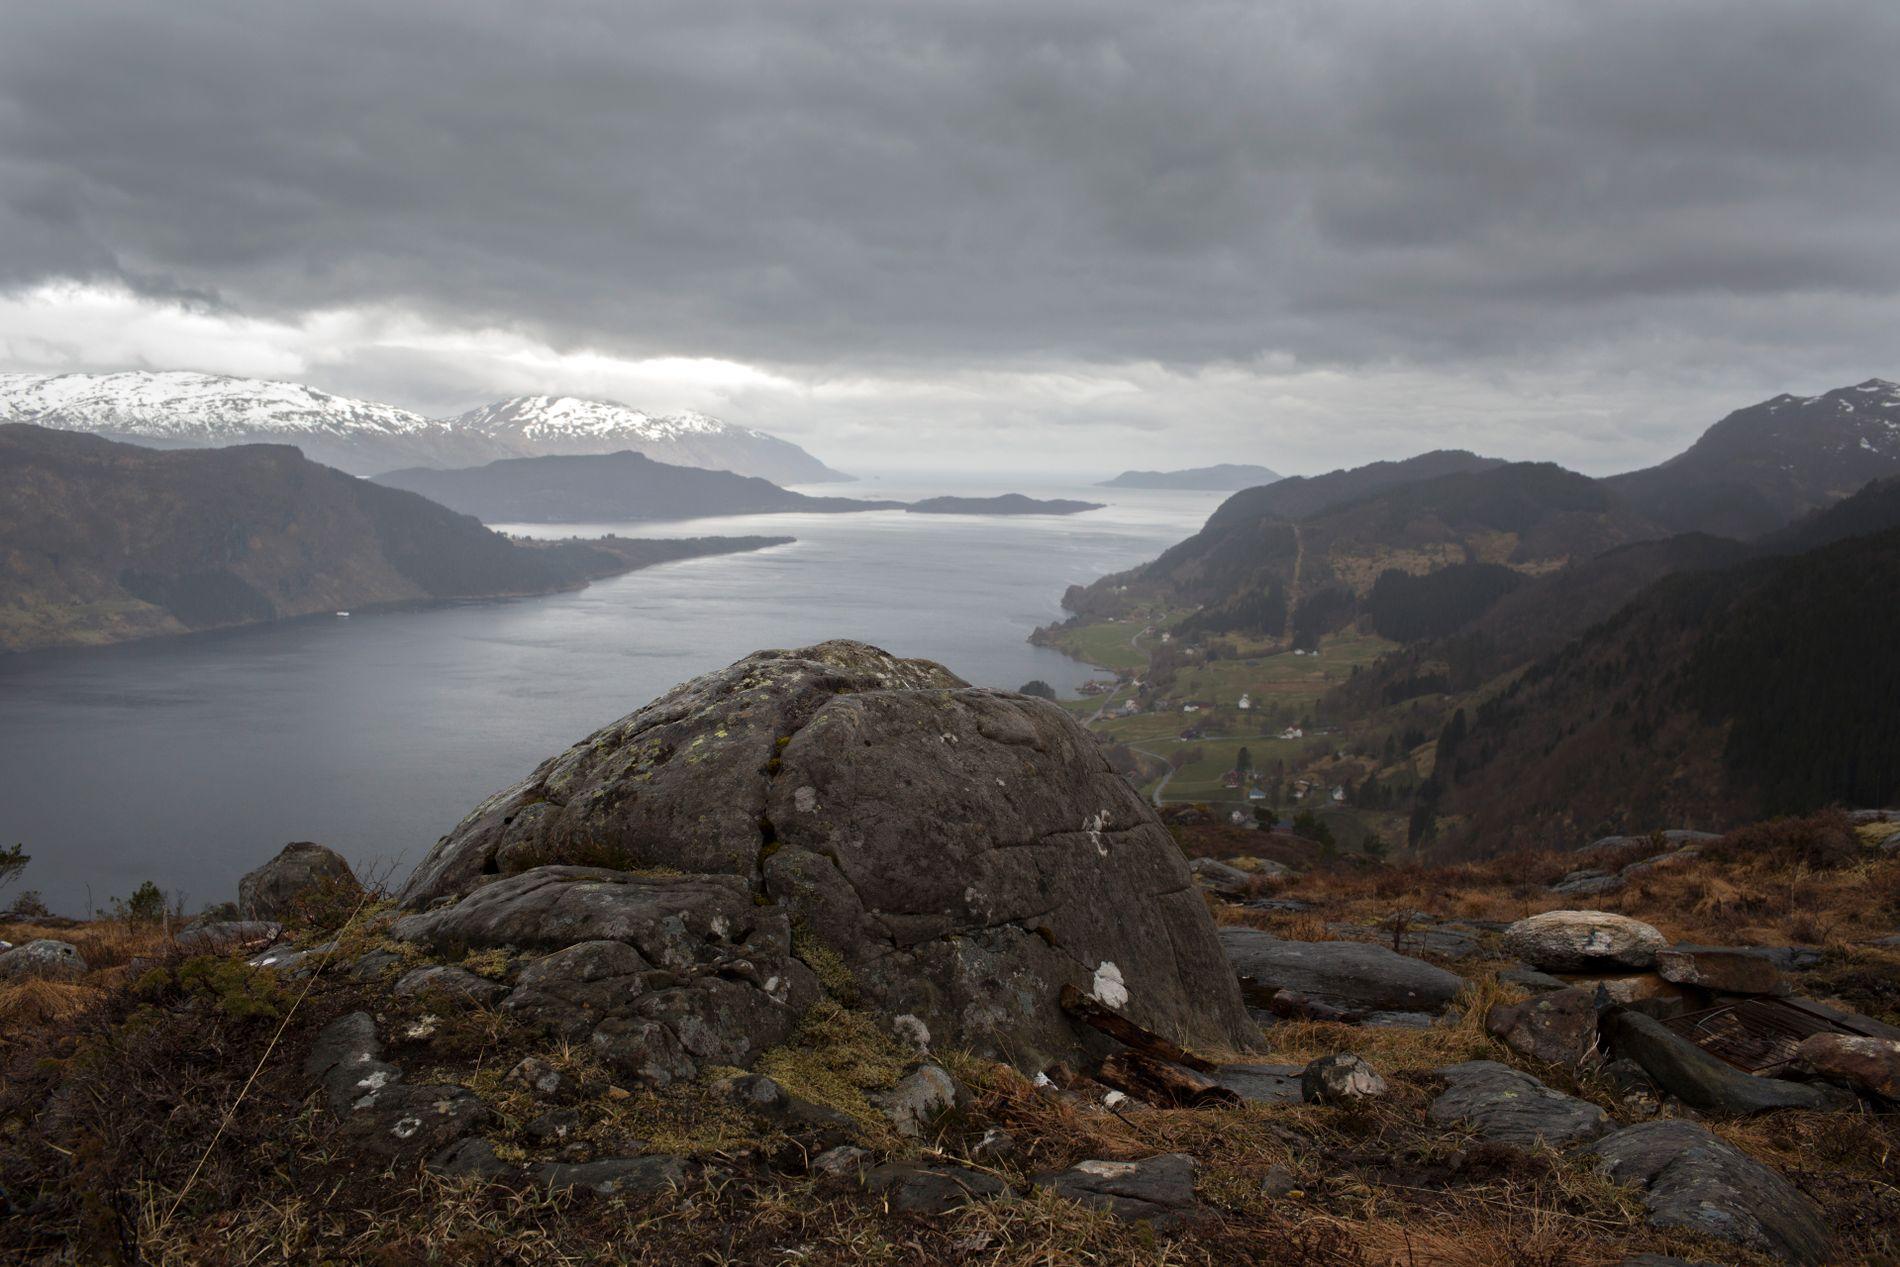 PÅ DJUPT VATN: Her, i Førdefjorden, kjem det eit sjødeponi frå gruvedrifta i Engebøfjellet. No skal det same skje i Repparfjorden i Vest-Finnmark.